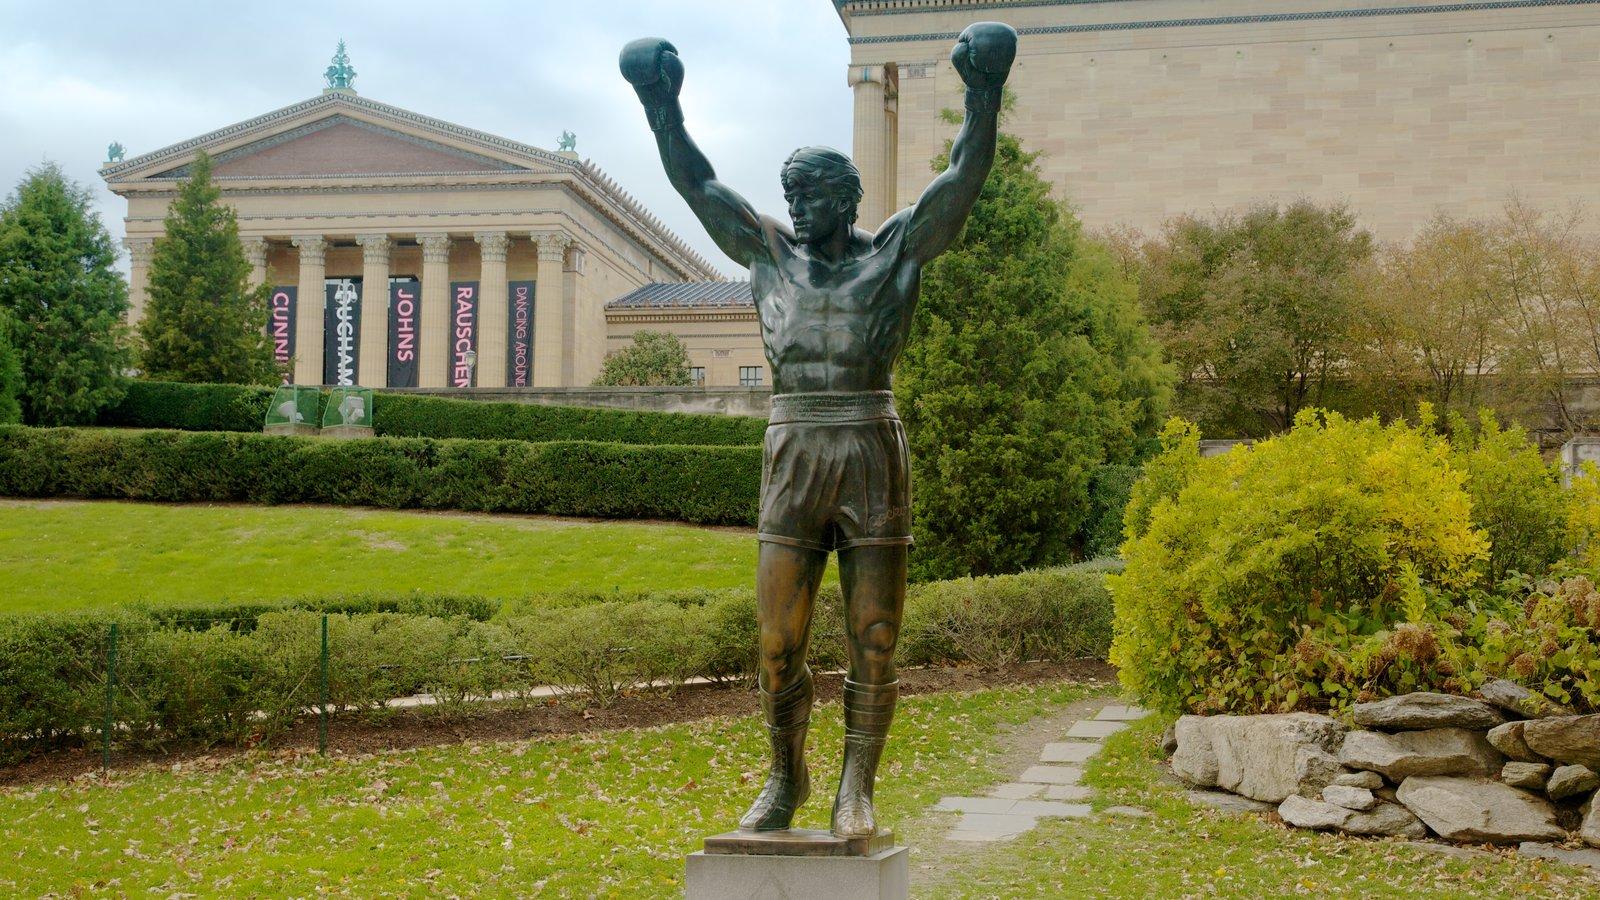 Museu de Arte caracterizando uma estátua ou escultura